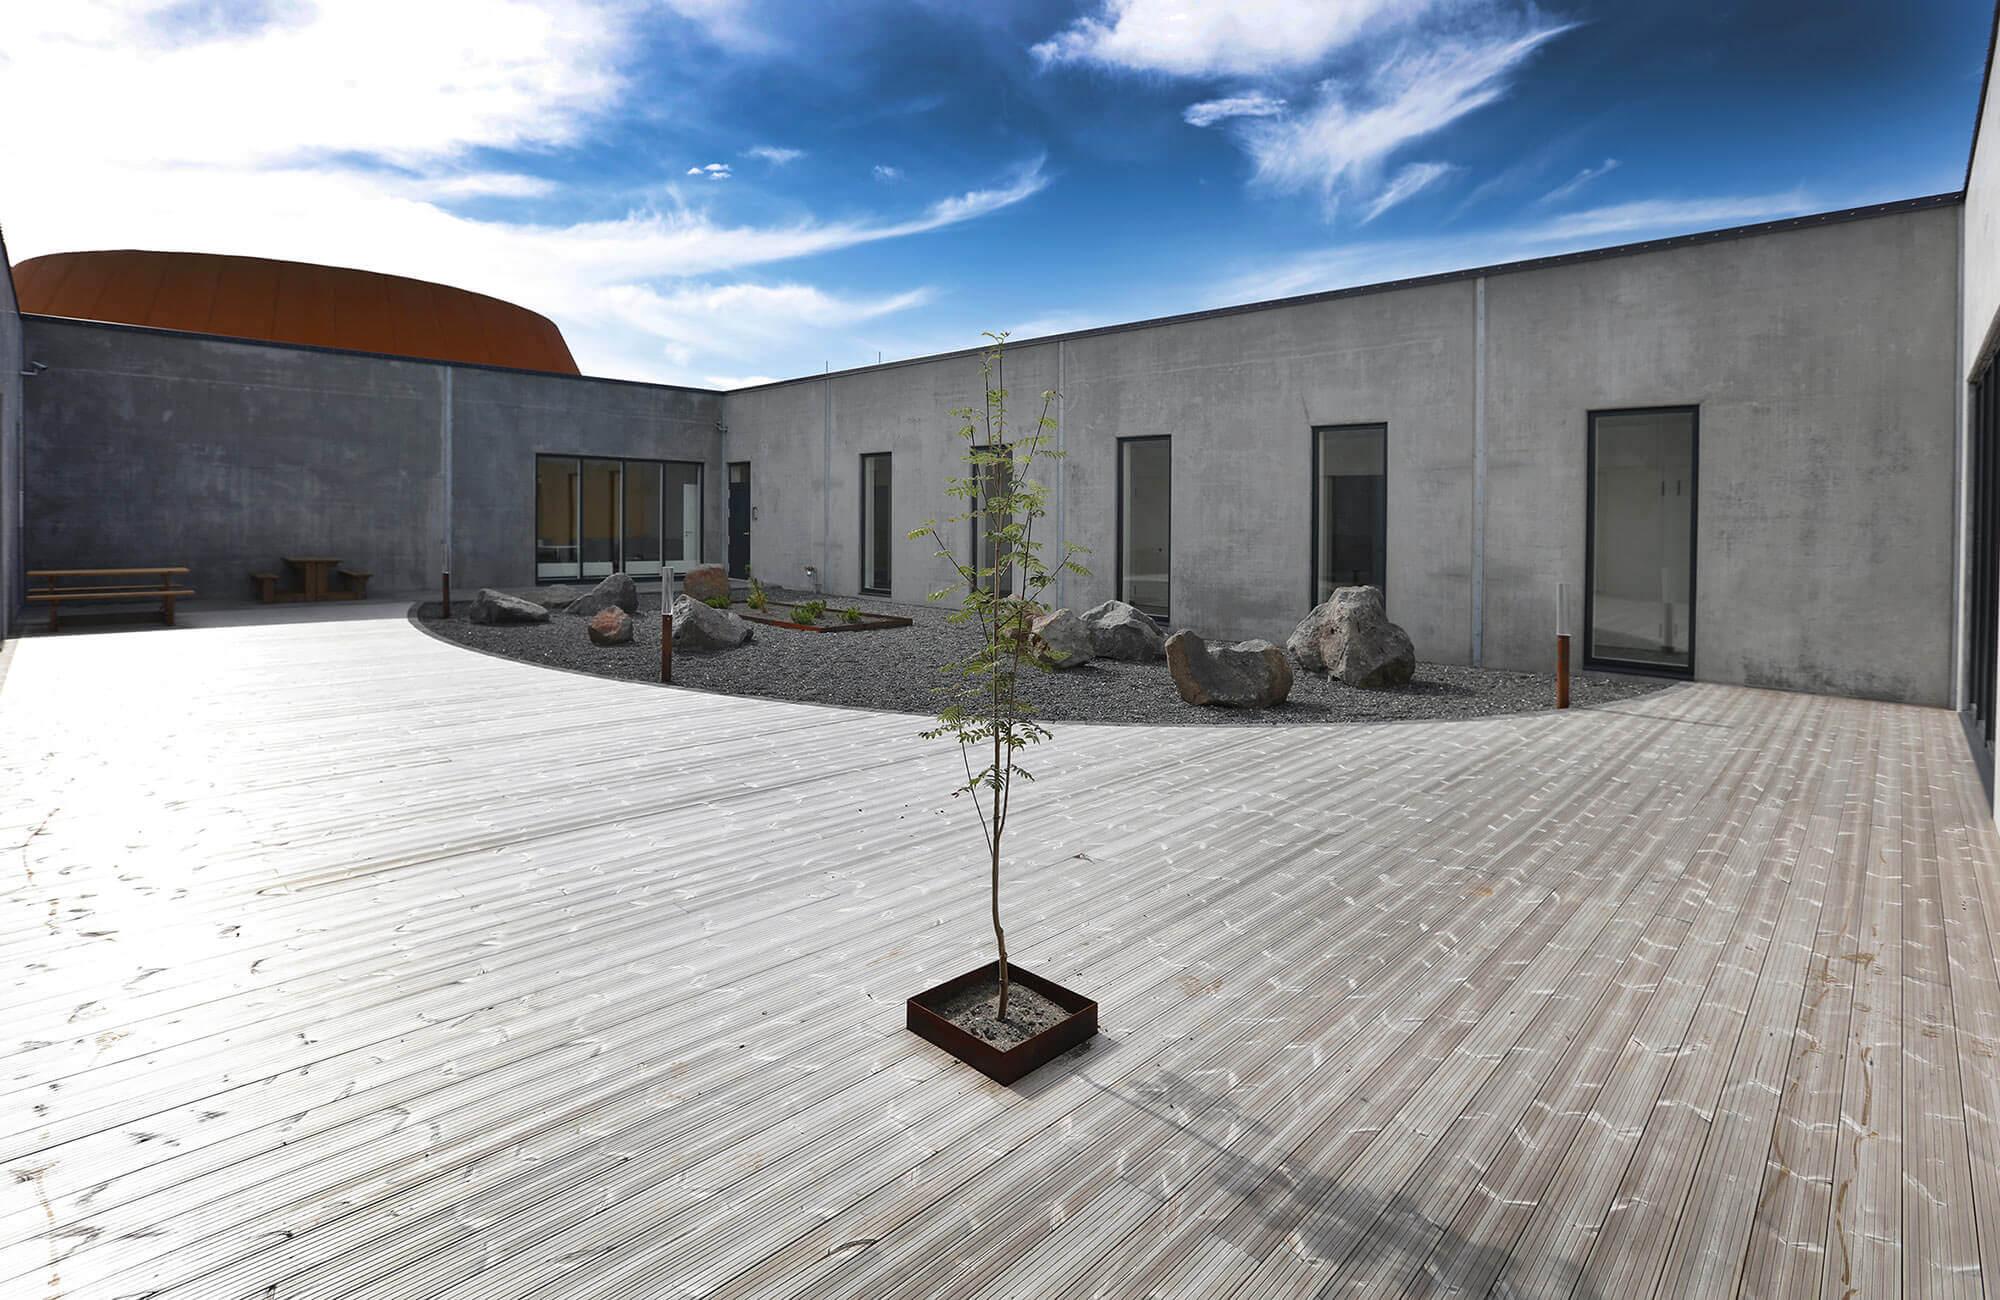 Il progetto di un carcere può essere anche sostenibile? Sì, secondo il team di Arkis Arkitektar.